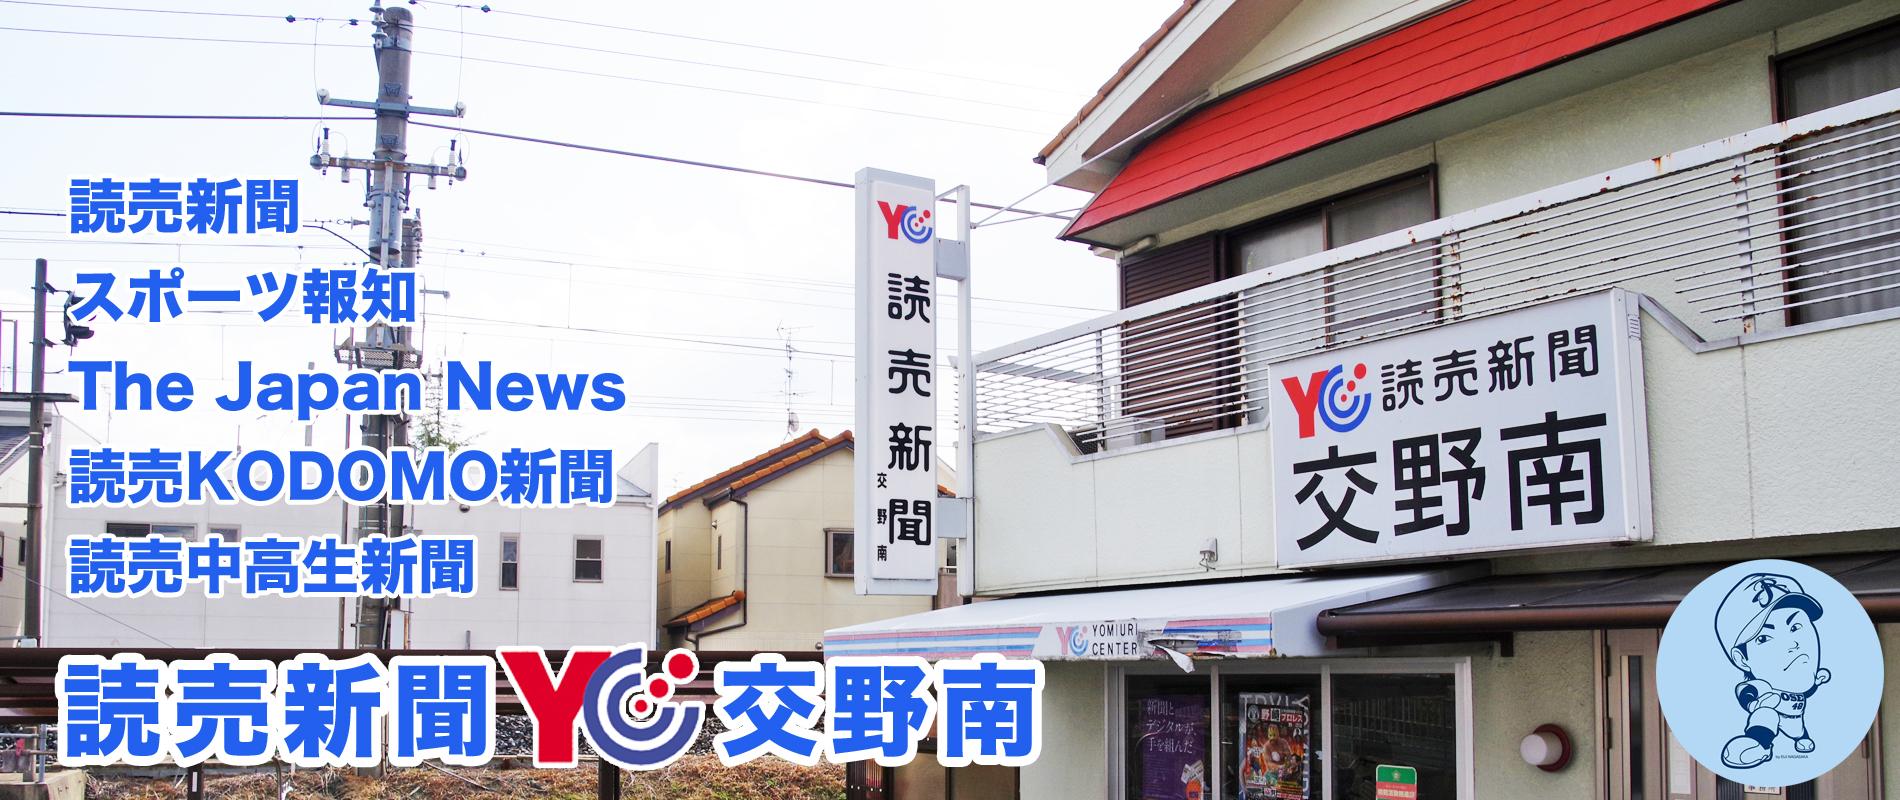 読売新聞YC交野南 交野市の読売新聞販売配達所